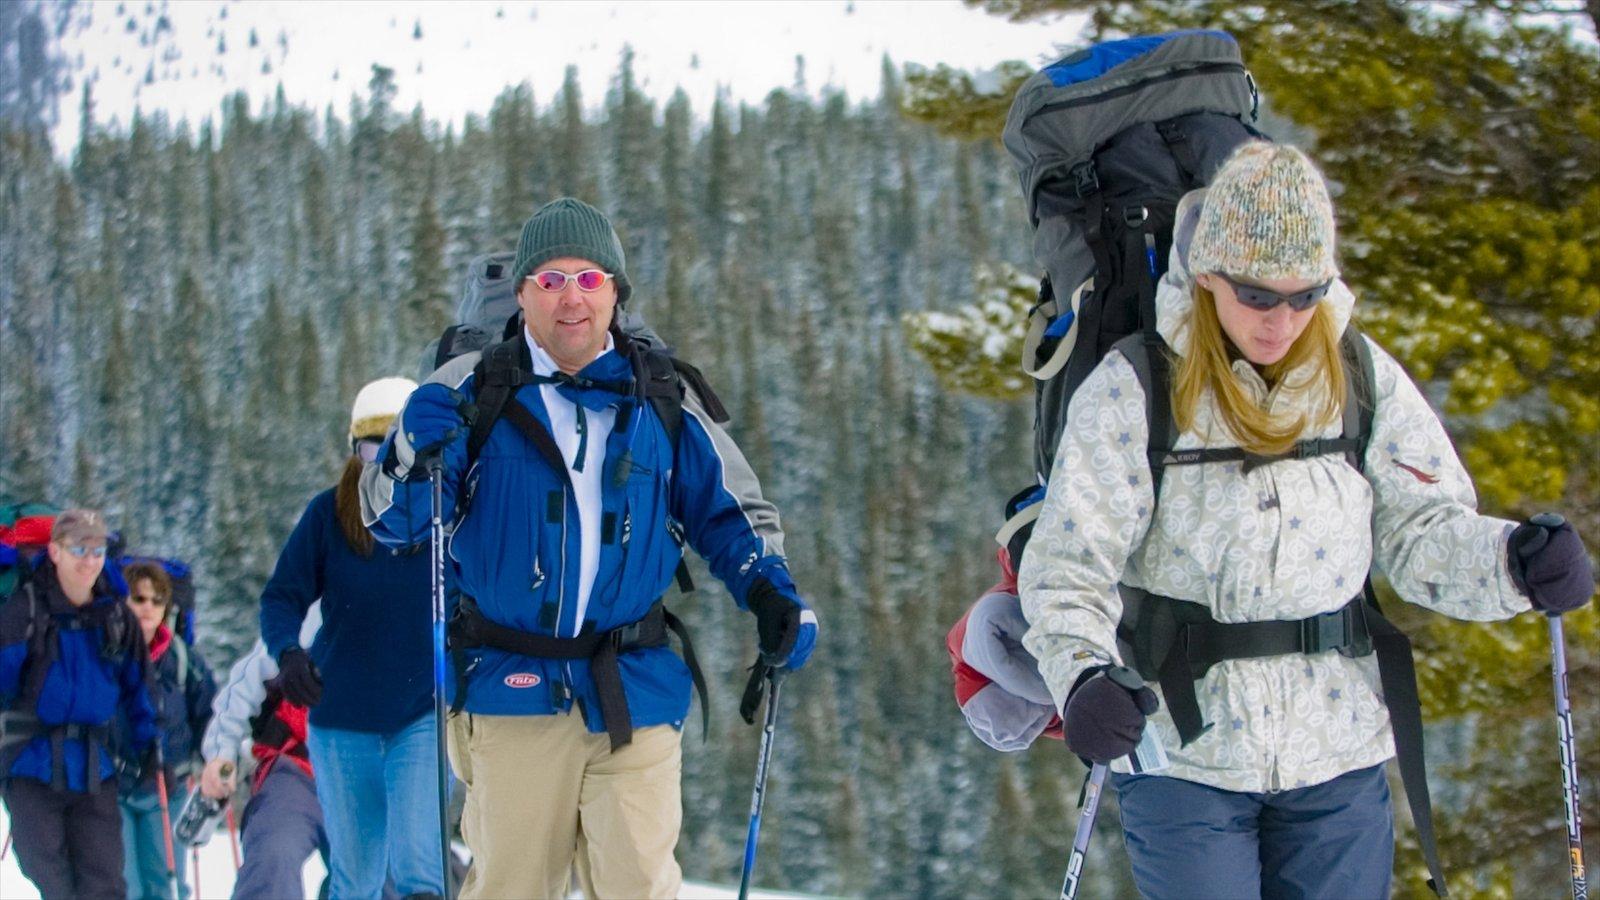 Vail Ski Resort que inclui esqui cross-country assim como um pequeno grupo de pessoas